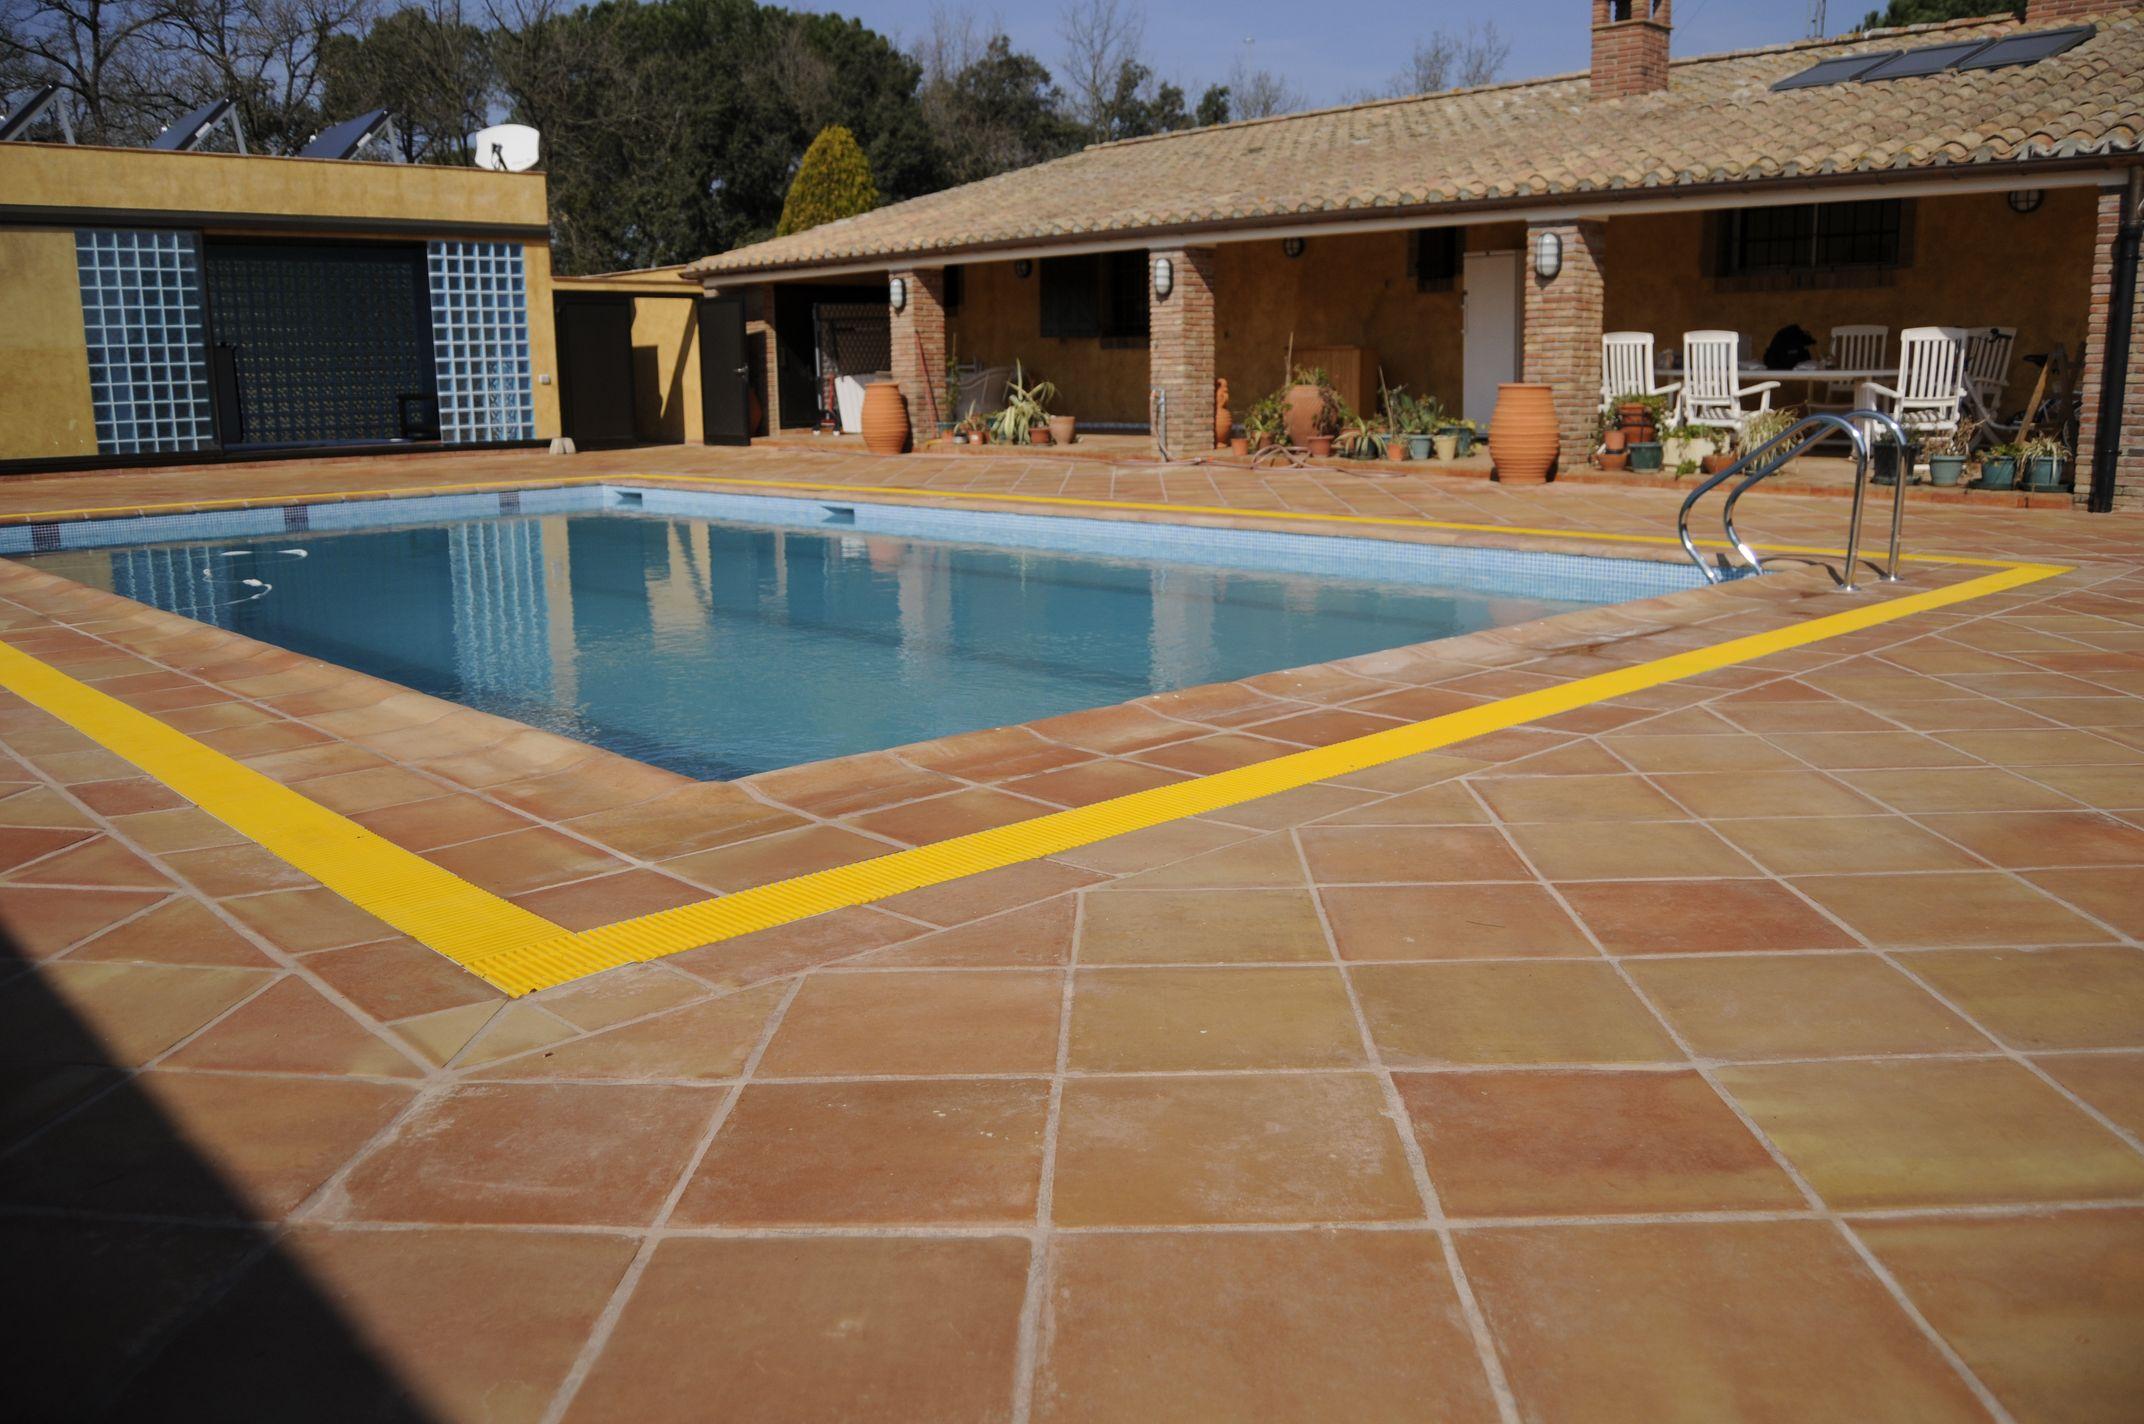 10 Terracotta Swimming Pool Outdoor Floor Tiles in Pakistan Floor Tiles Price in Rawalpindi.